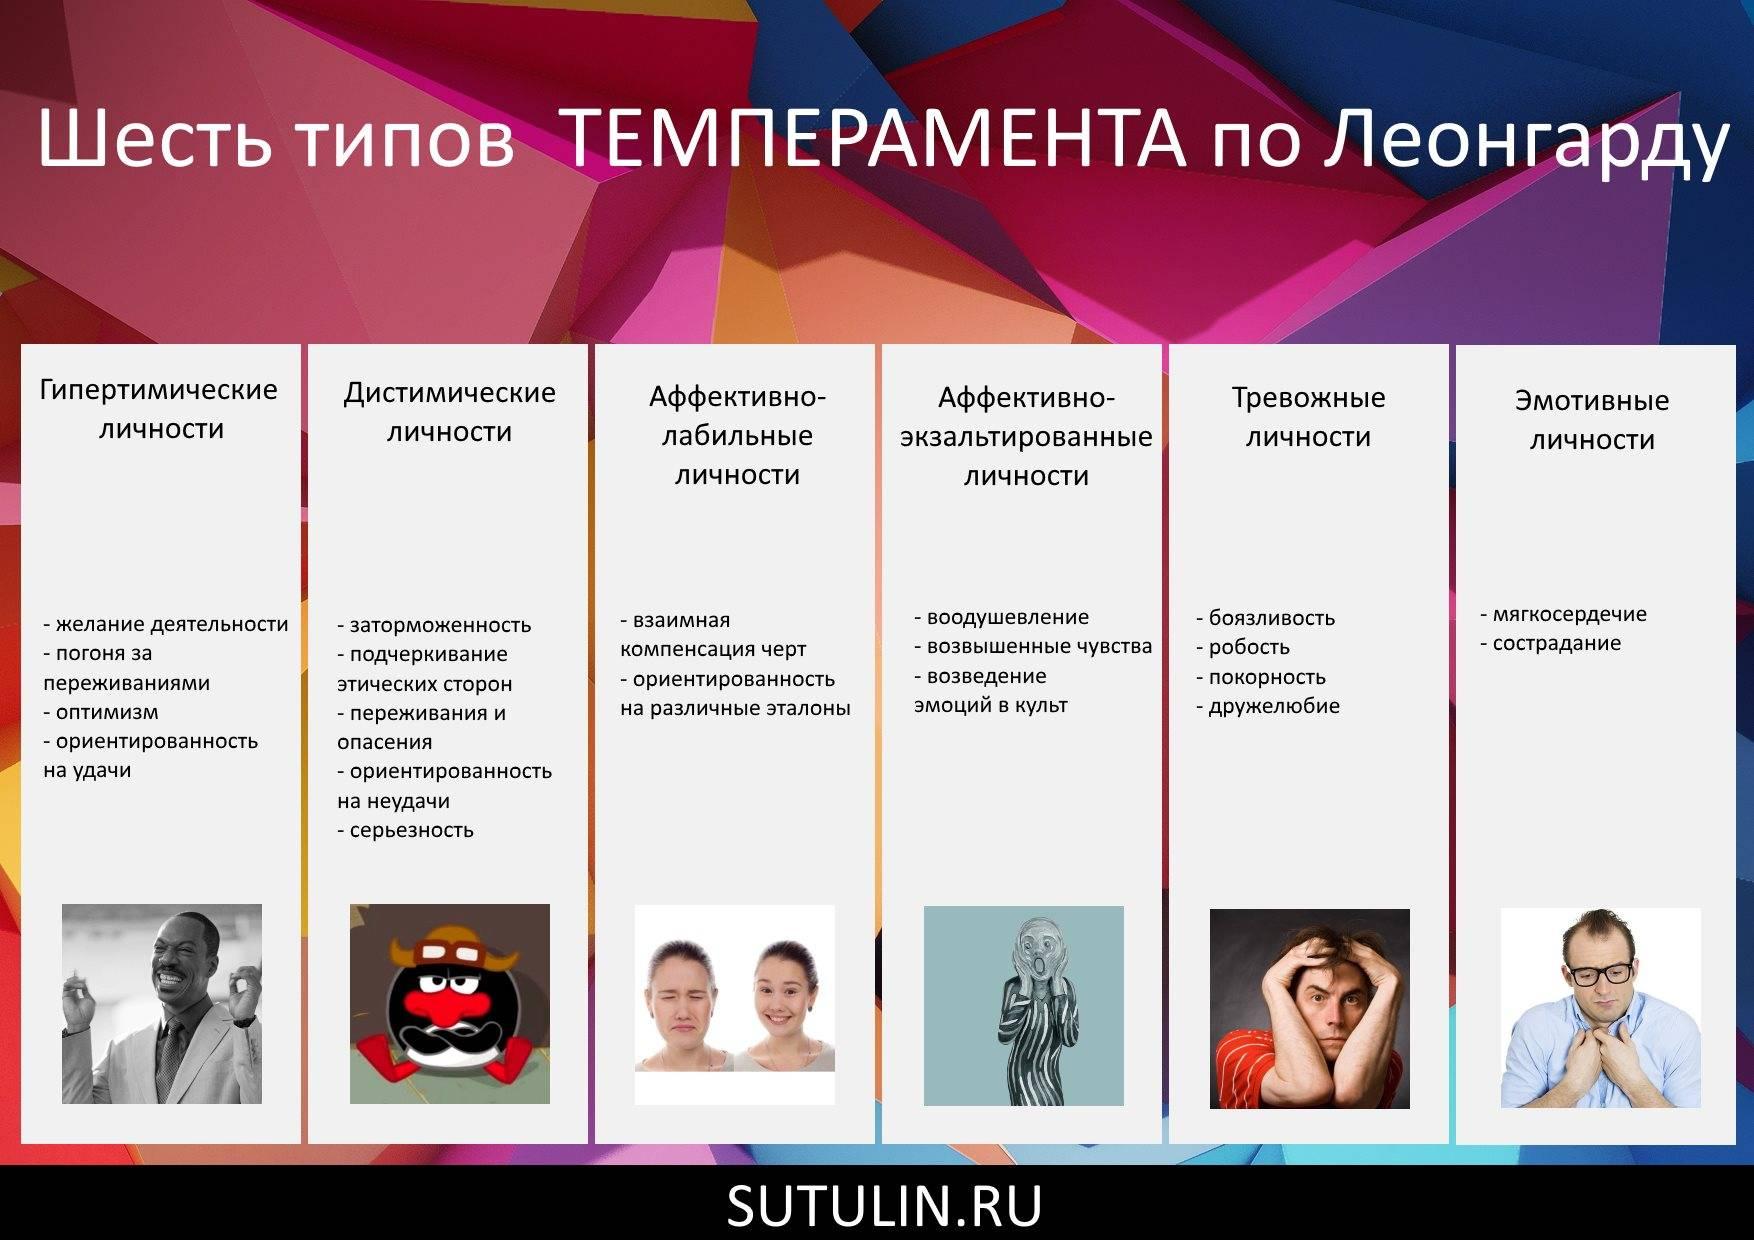 Экзальтированный тип личности: признаки, особенности, психологическая характеристика